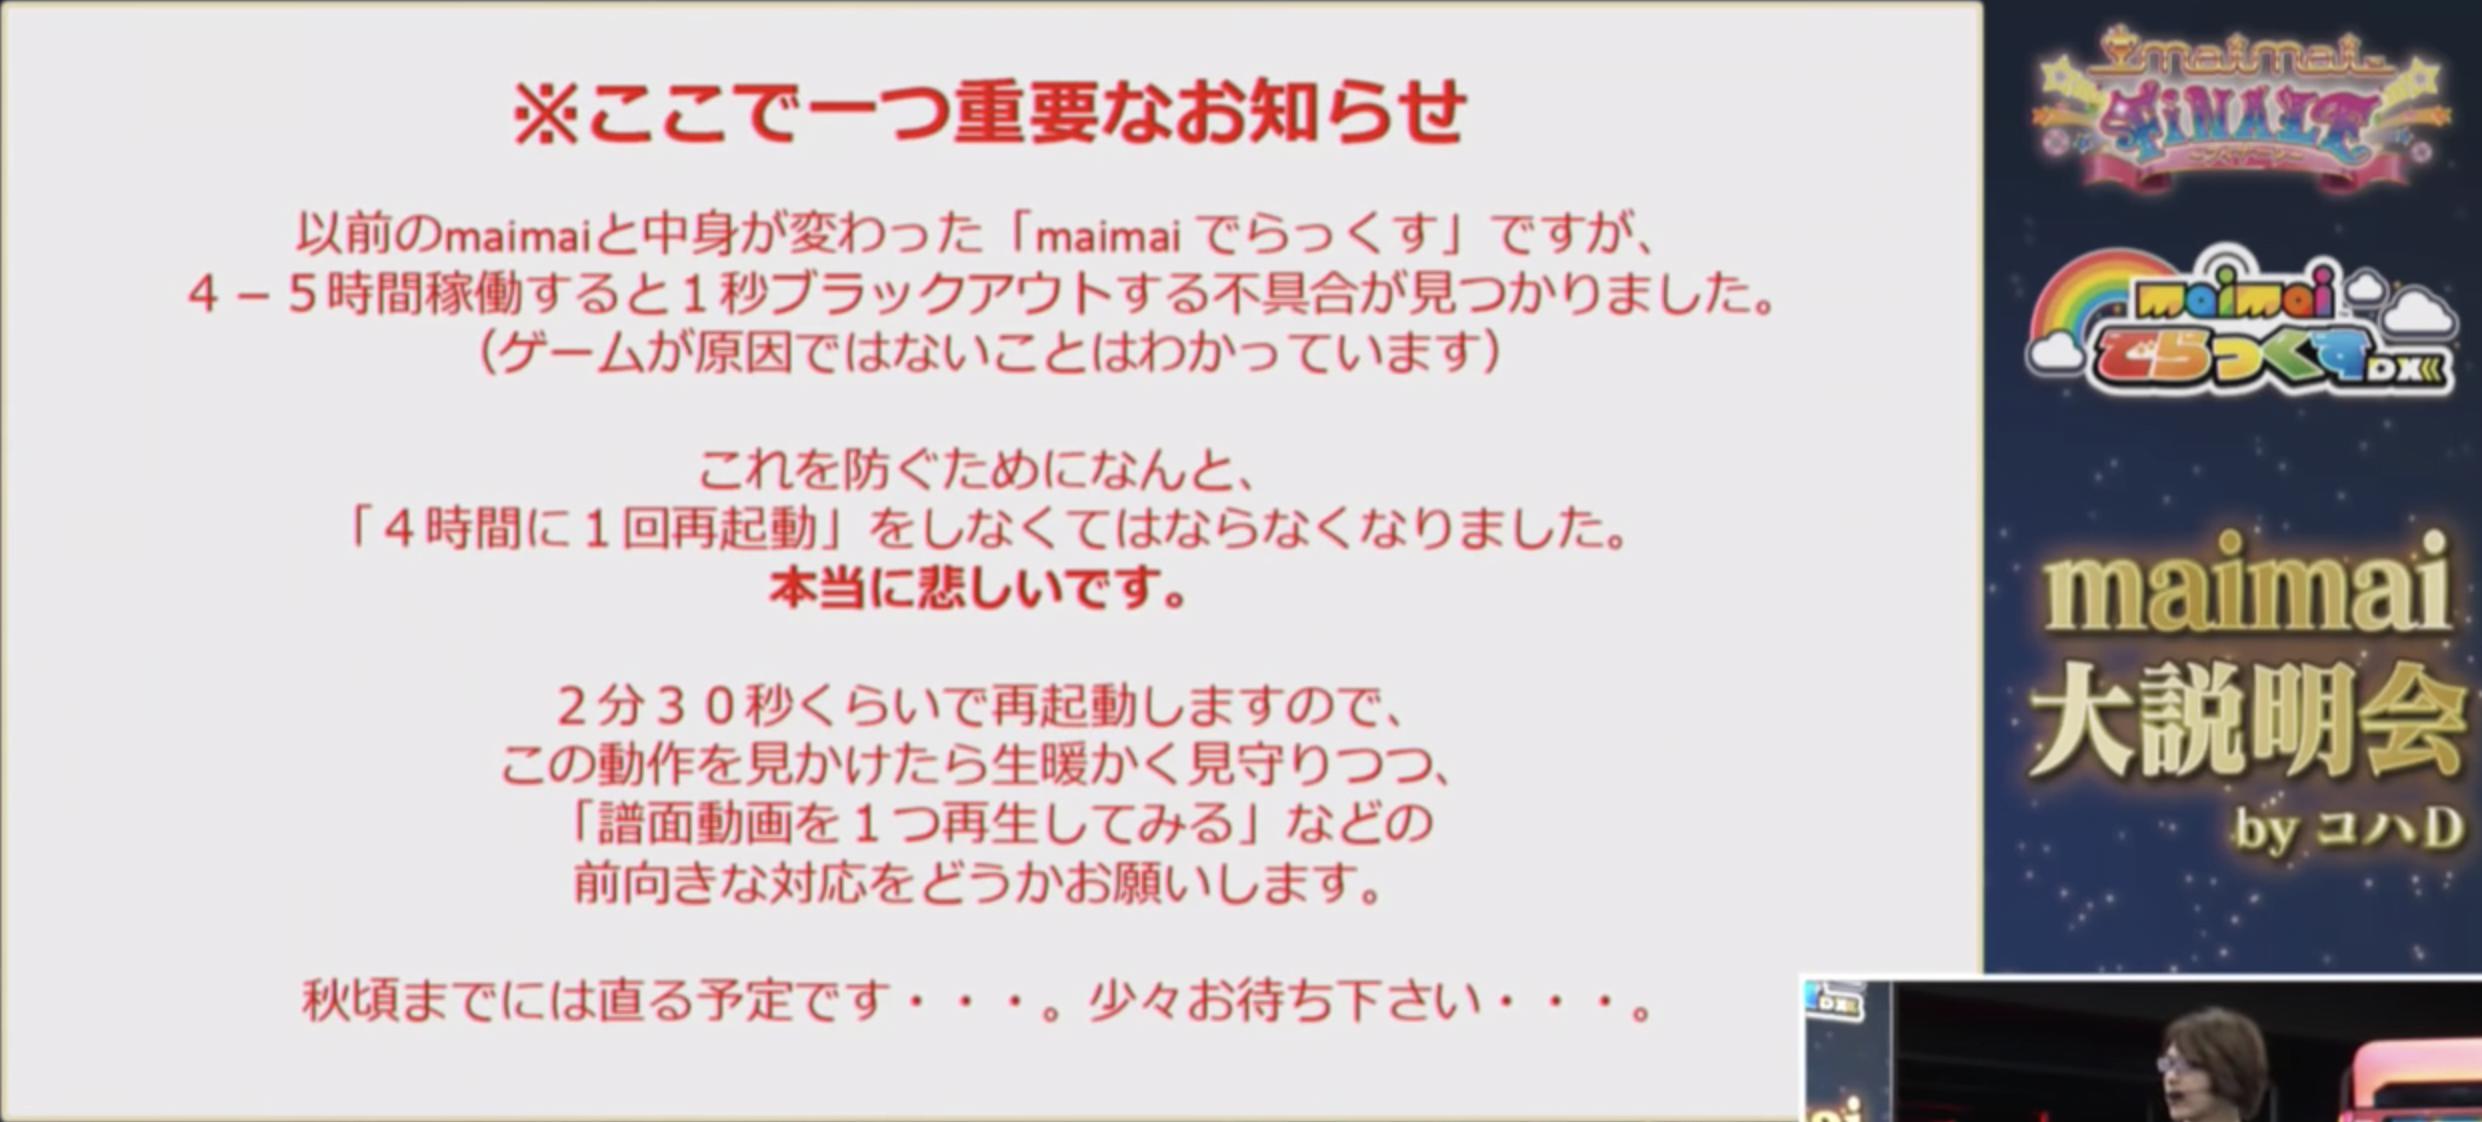 maimaiでらっくす不具合説明の画像